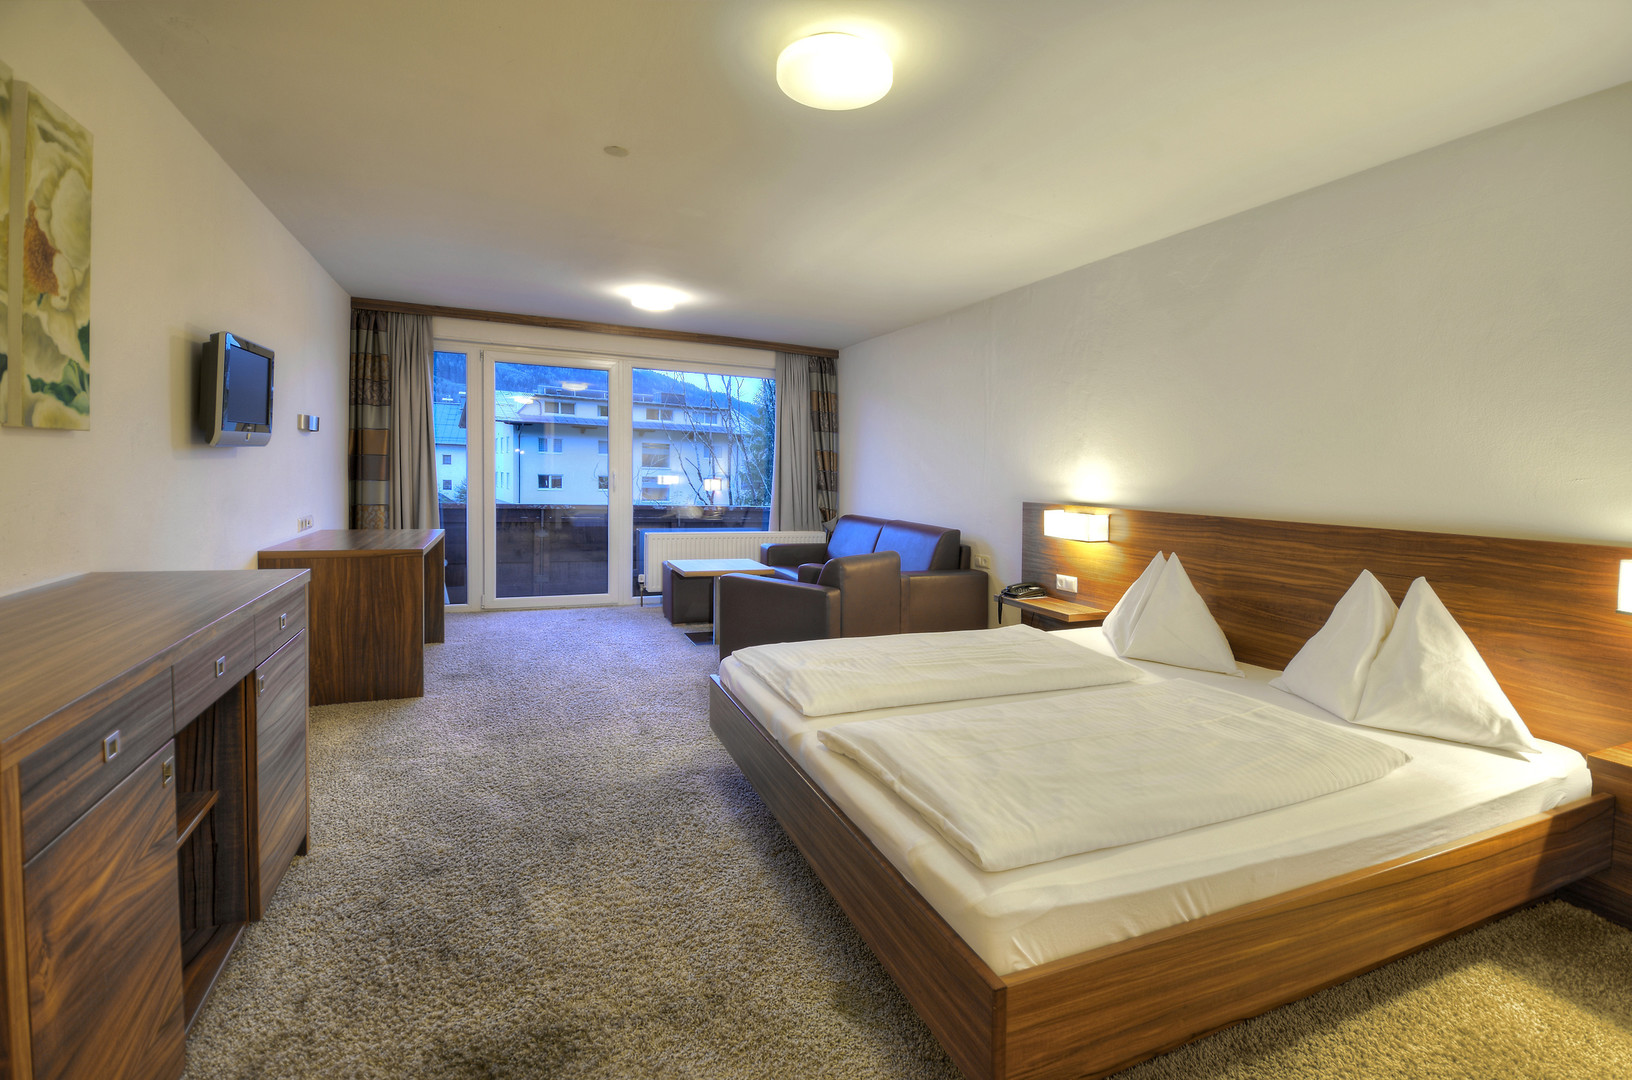 Hotel Lukasmayr #5